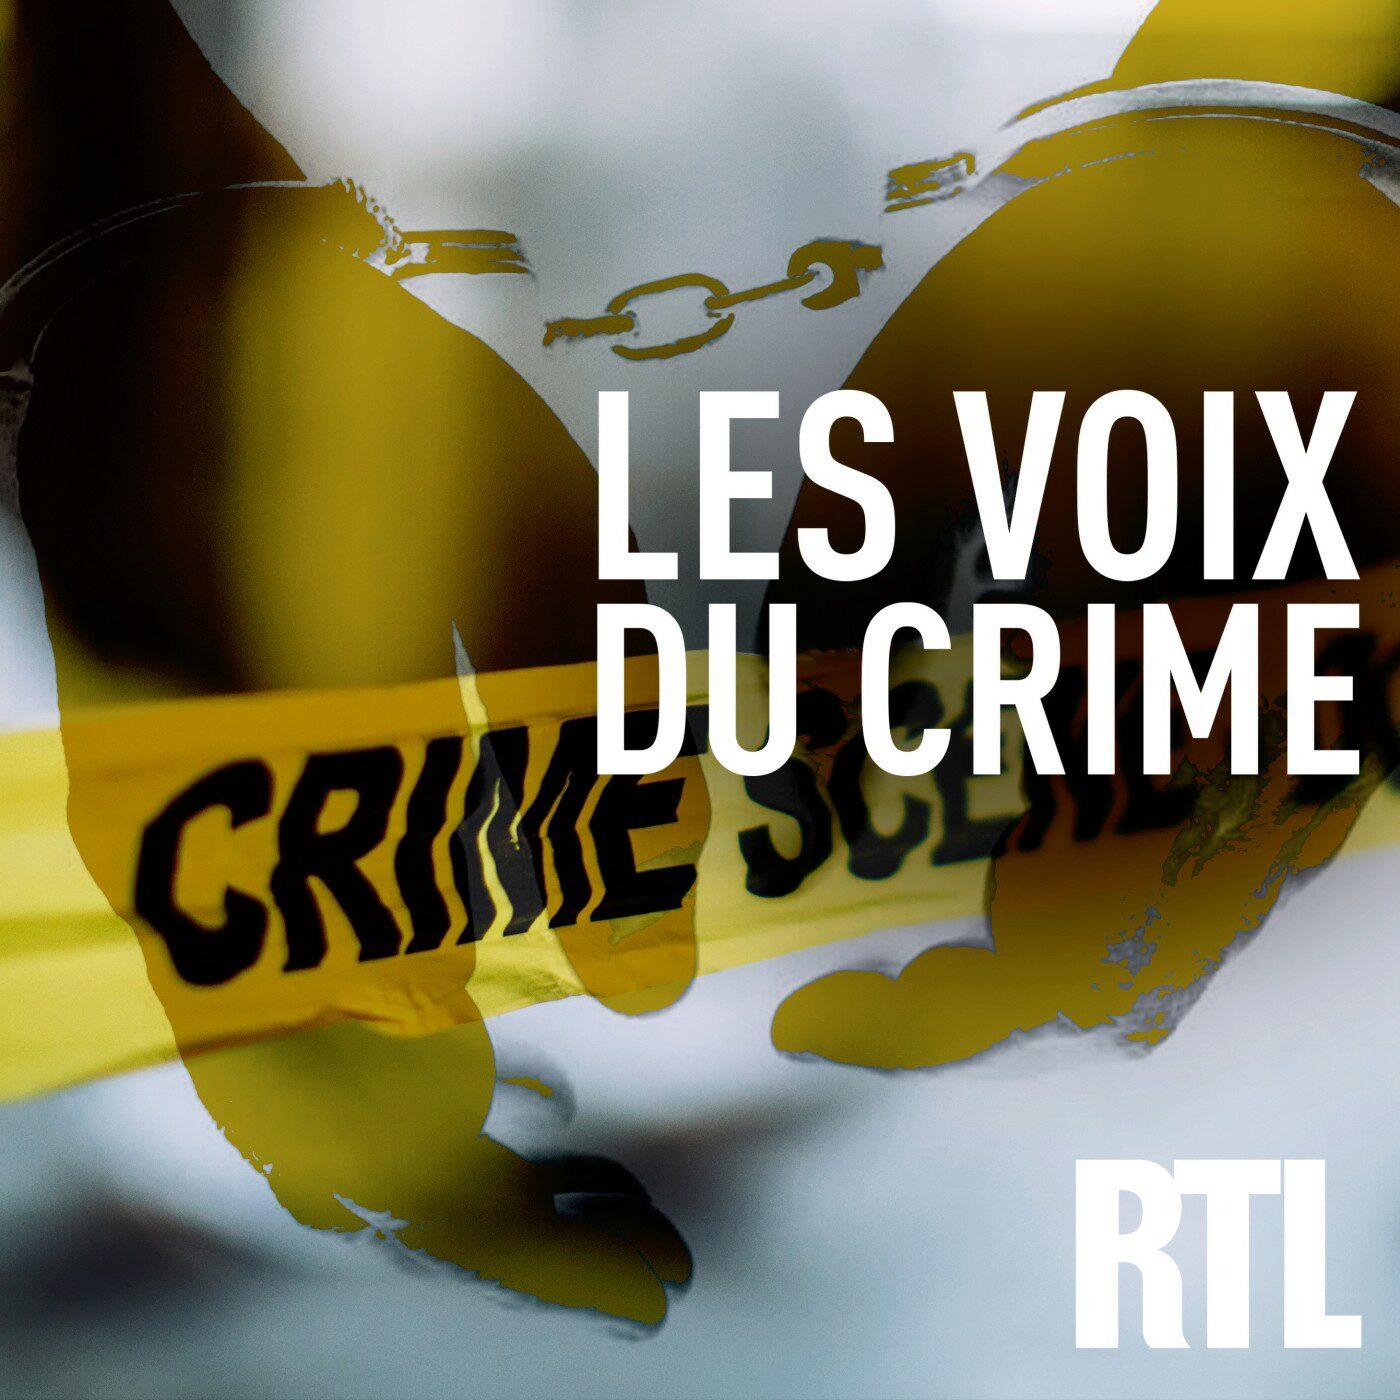 DÉCOUVERTE - Les voix du crime - Jean-Claude Romand : son beau-frère raconte les années de mensonges jusqu'aux meurtres (1/2)